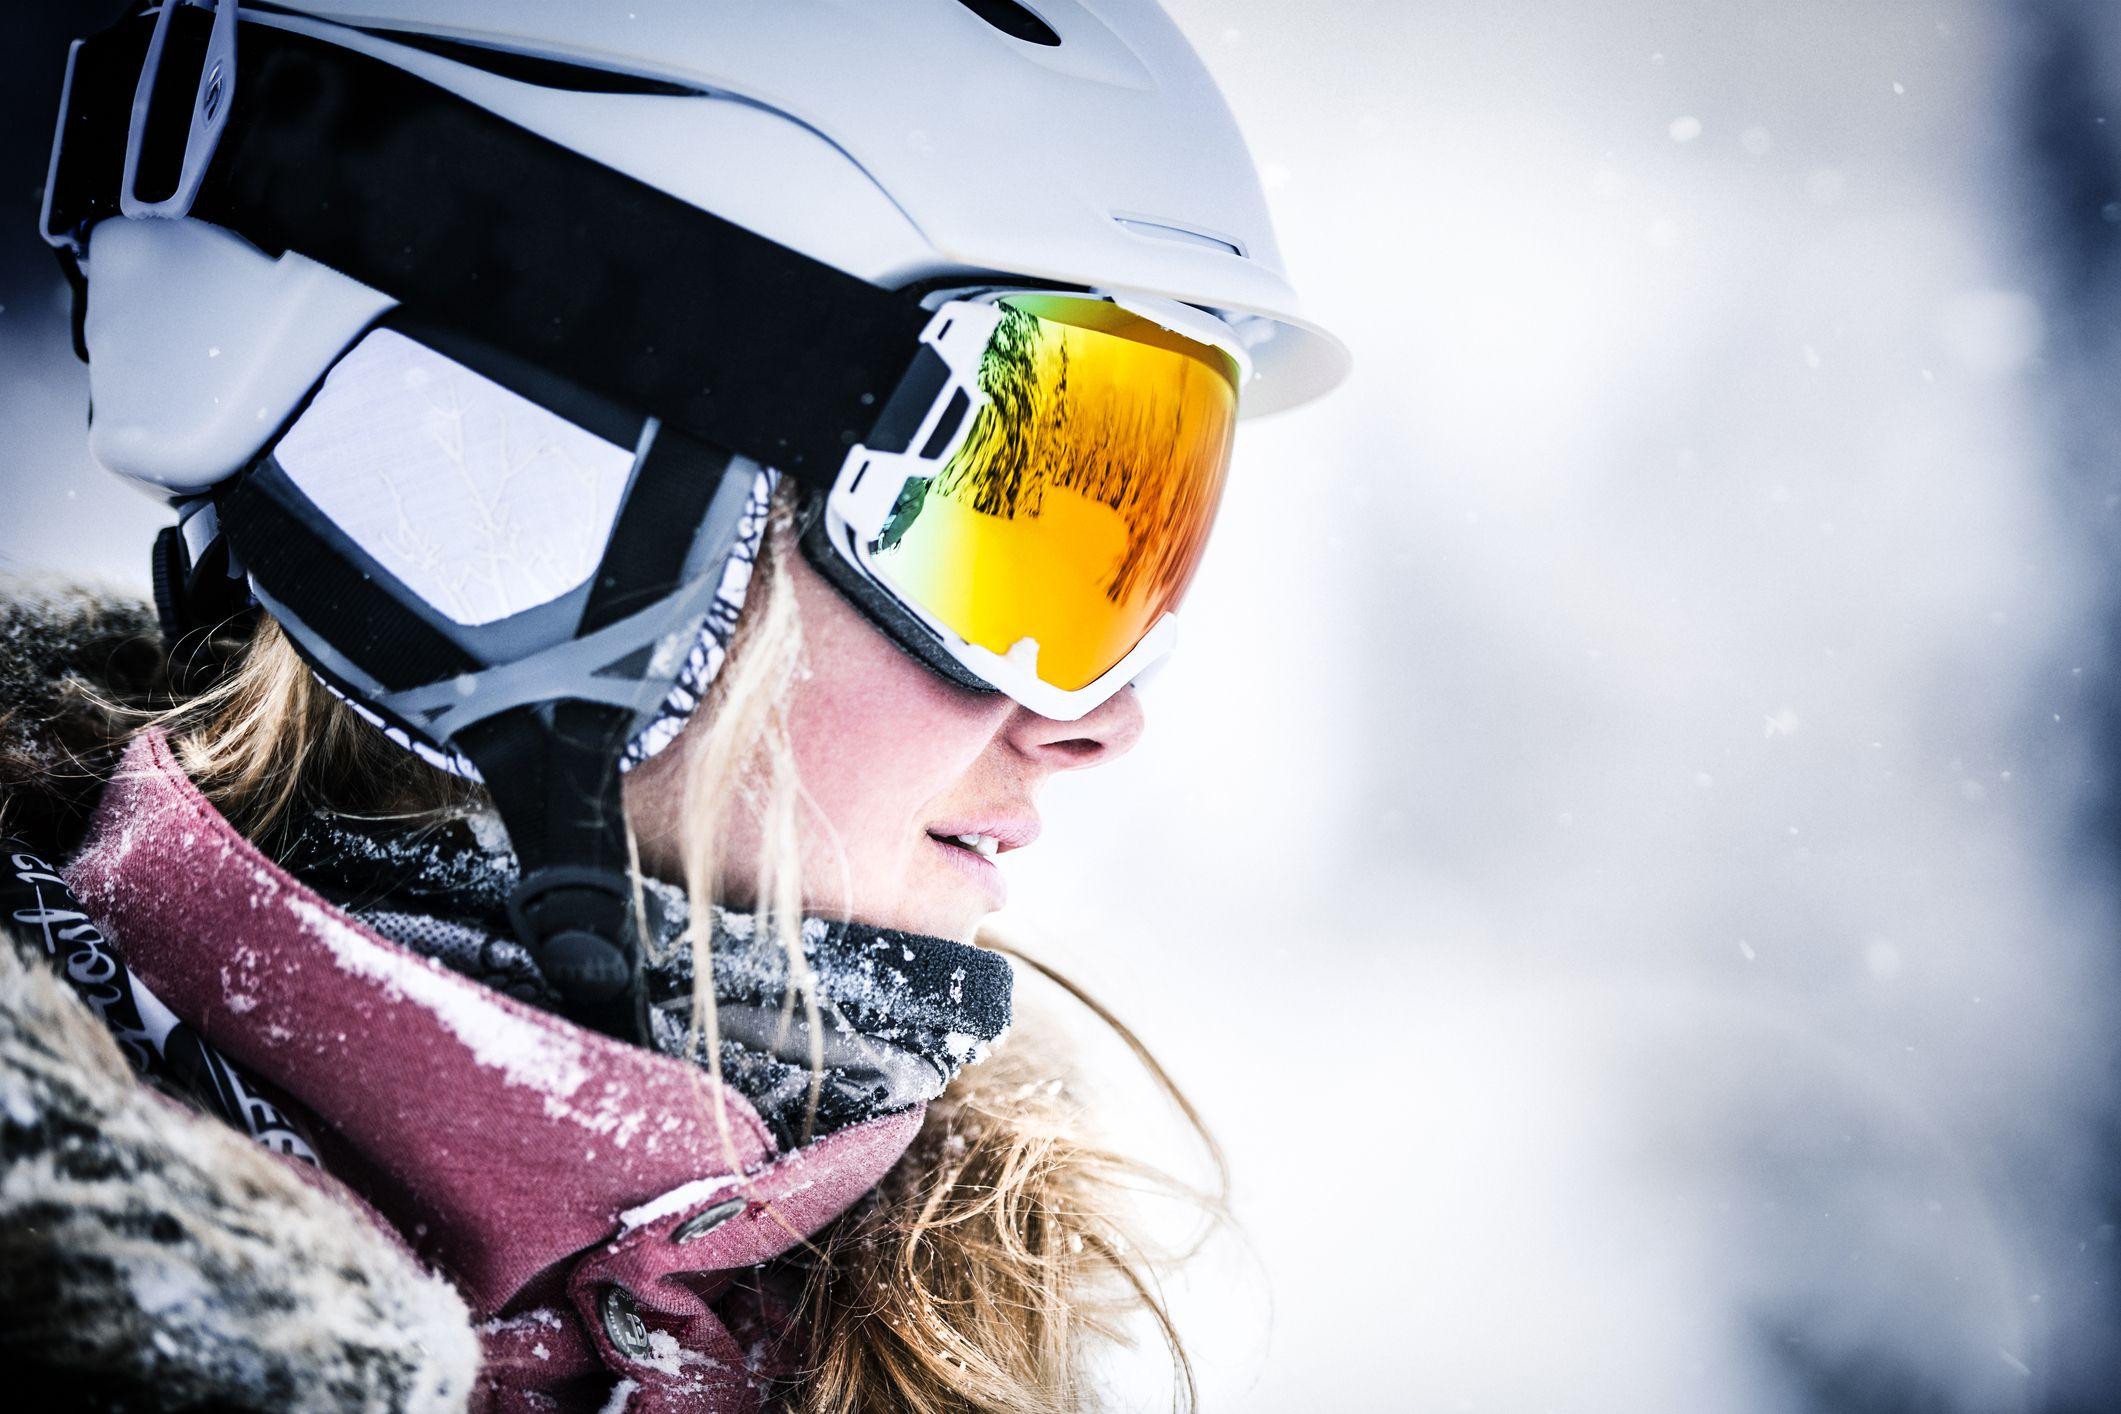 ce6278275e9 Compare Regular and Over-the-Glasses (OTG) Ski Goggles